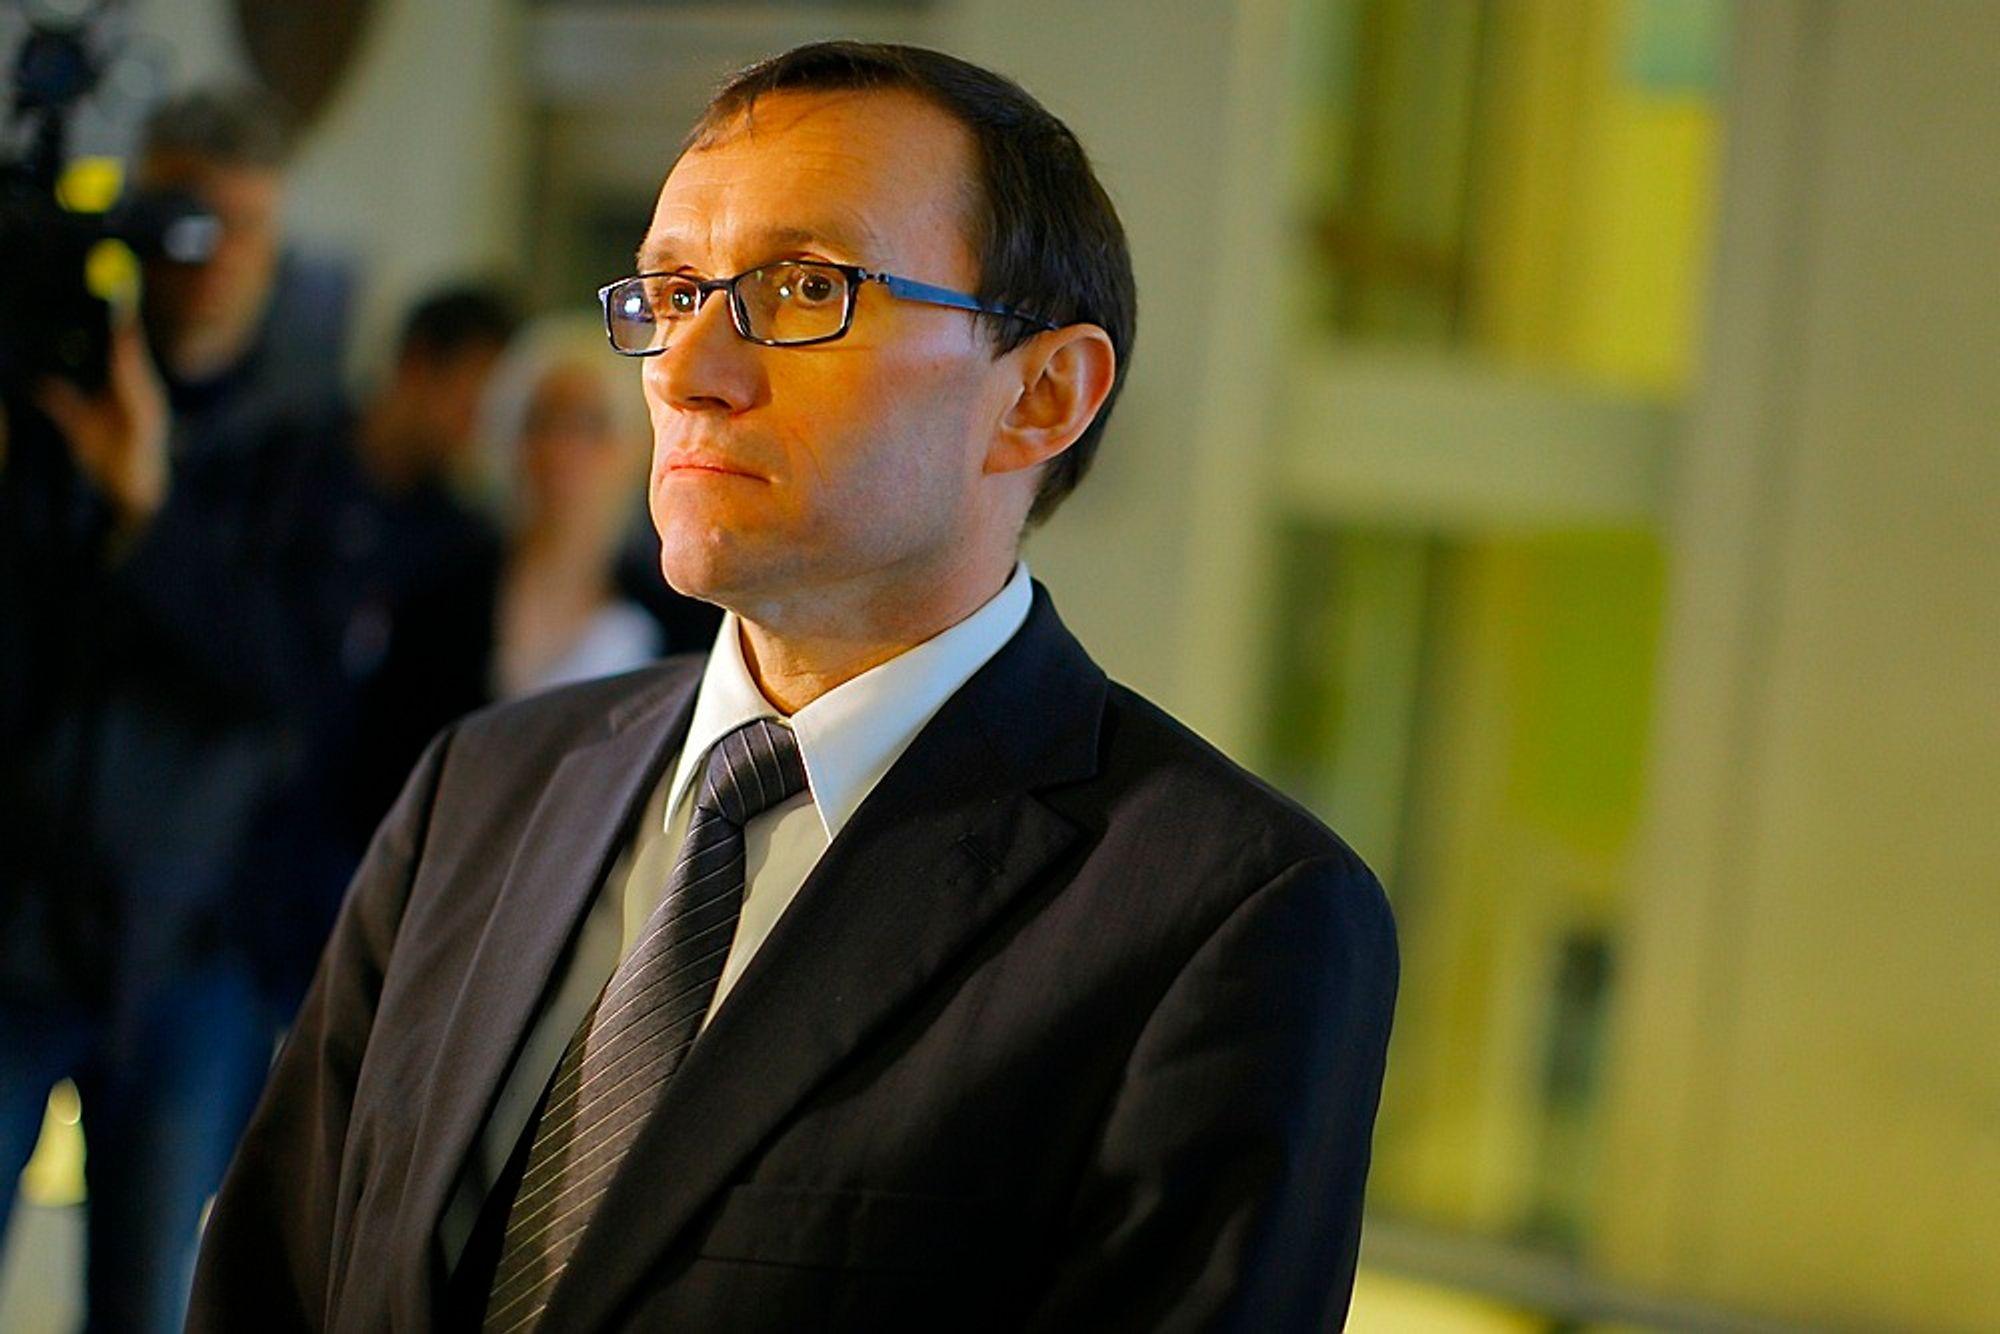 TENKER PÅ DE PÅRØRENDE: Forsvarsminister Espen Barth Eide orienterer om funn av det savnede Hercules-flyet i Sverige.